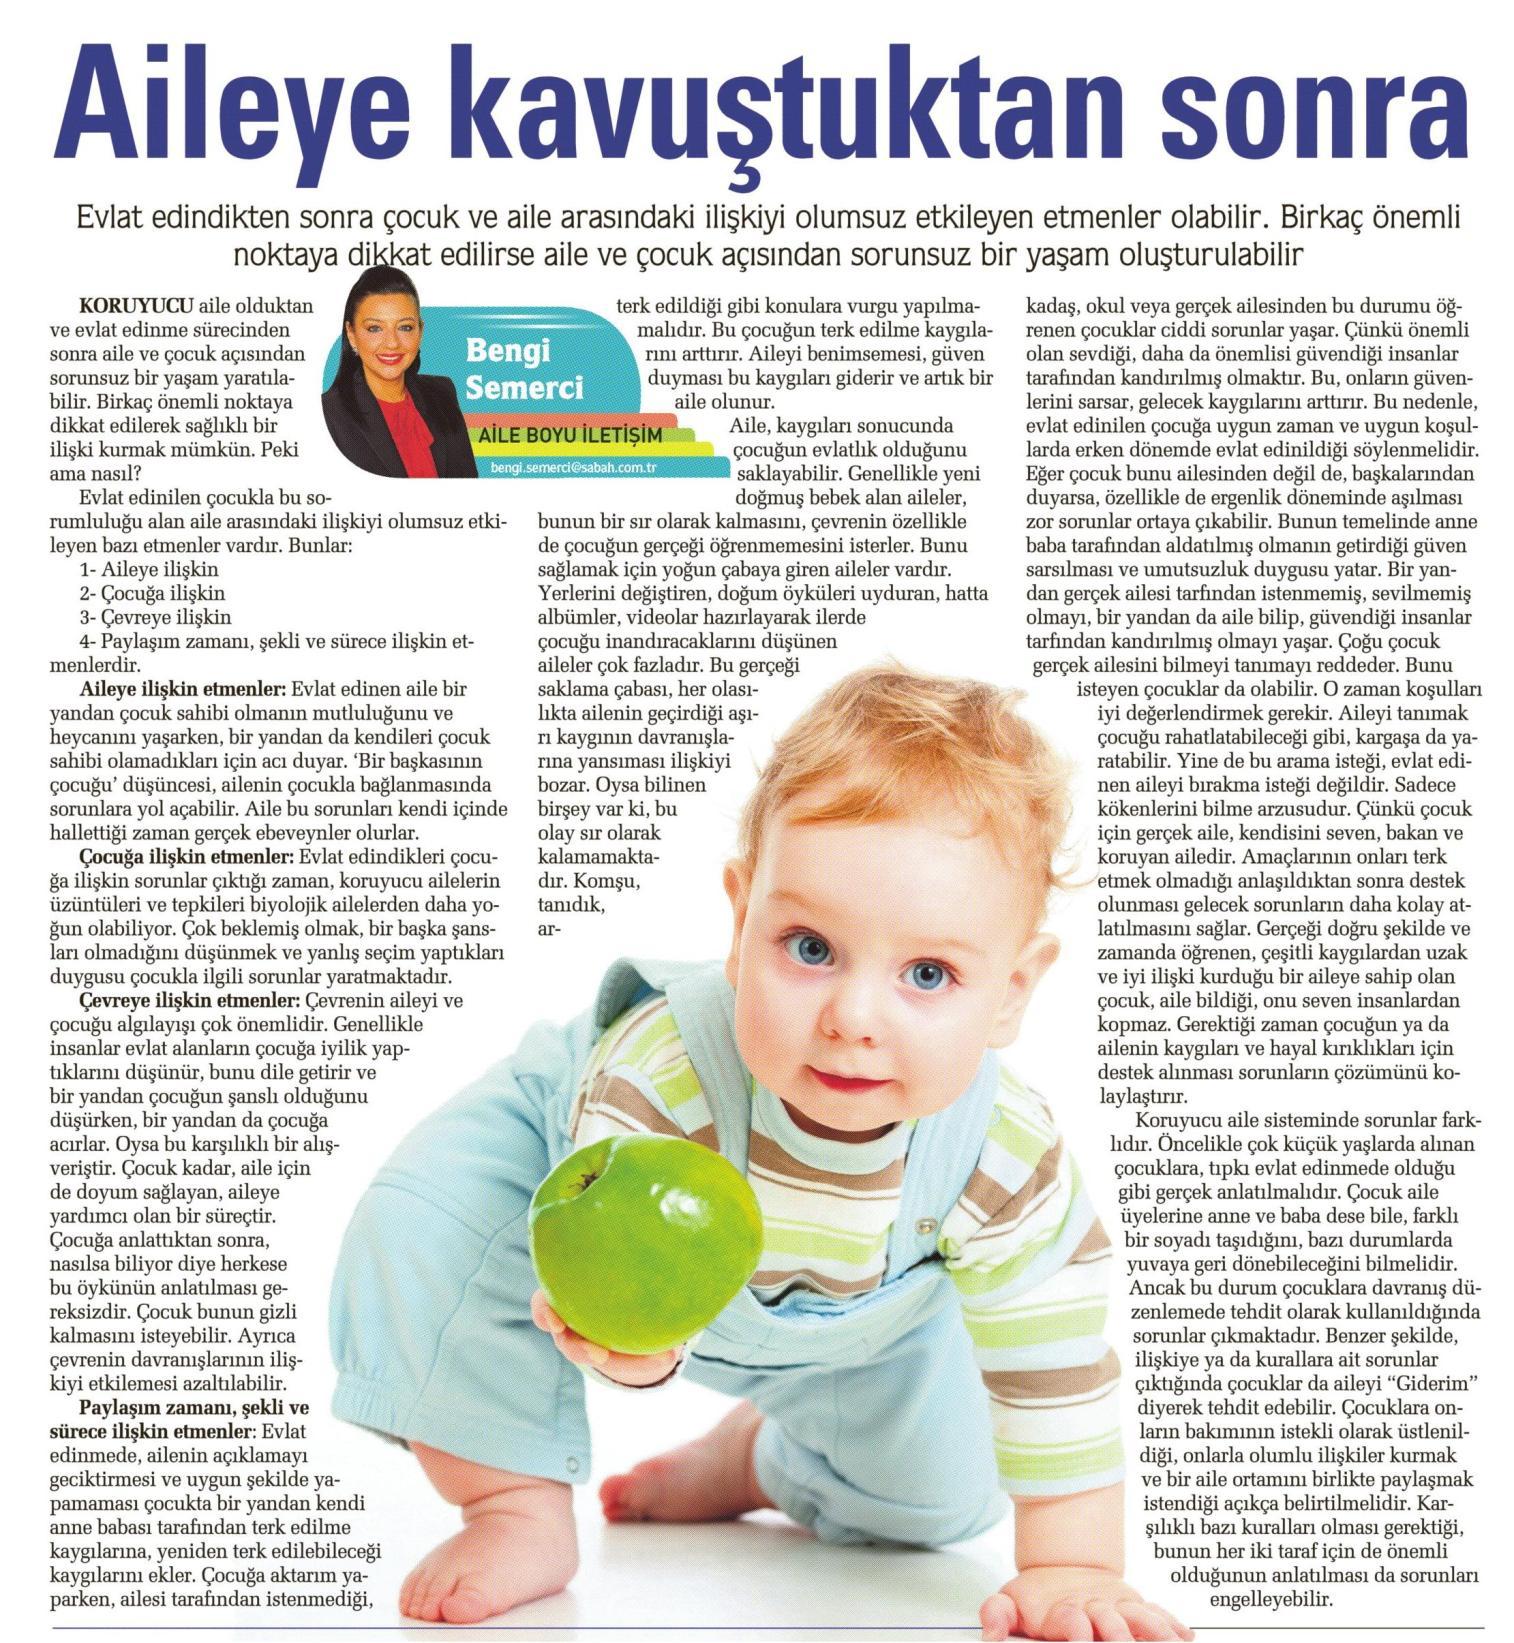 Çocuk yeni ailesine kavuştuktan sonra nelere dikkat etmeli - SABAH EK1  23.11.2014